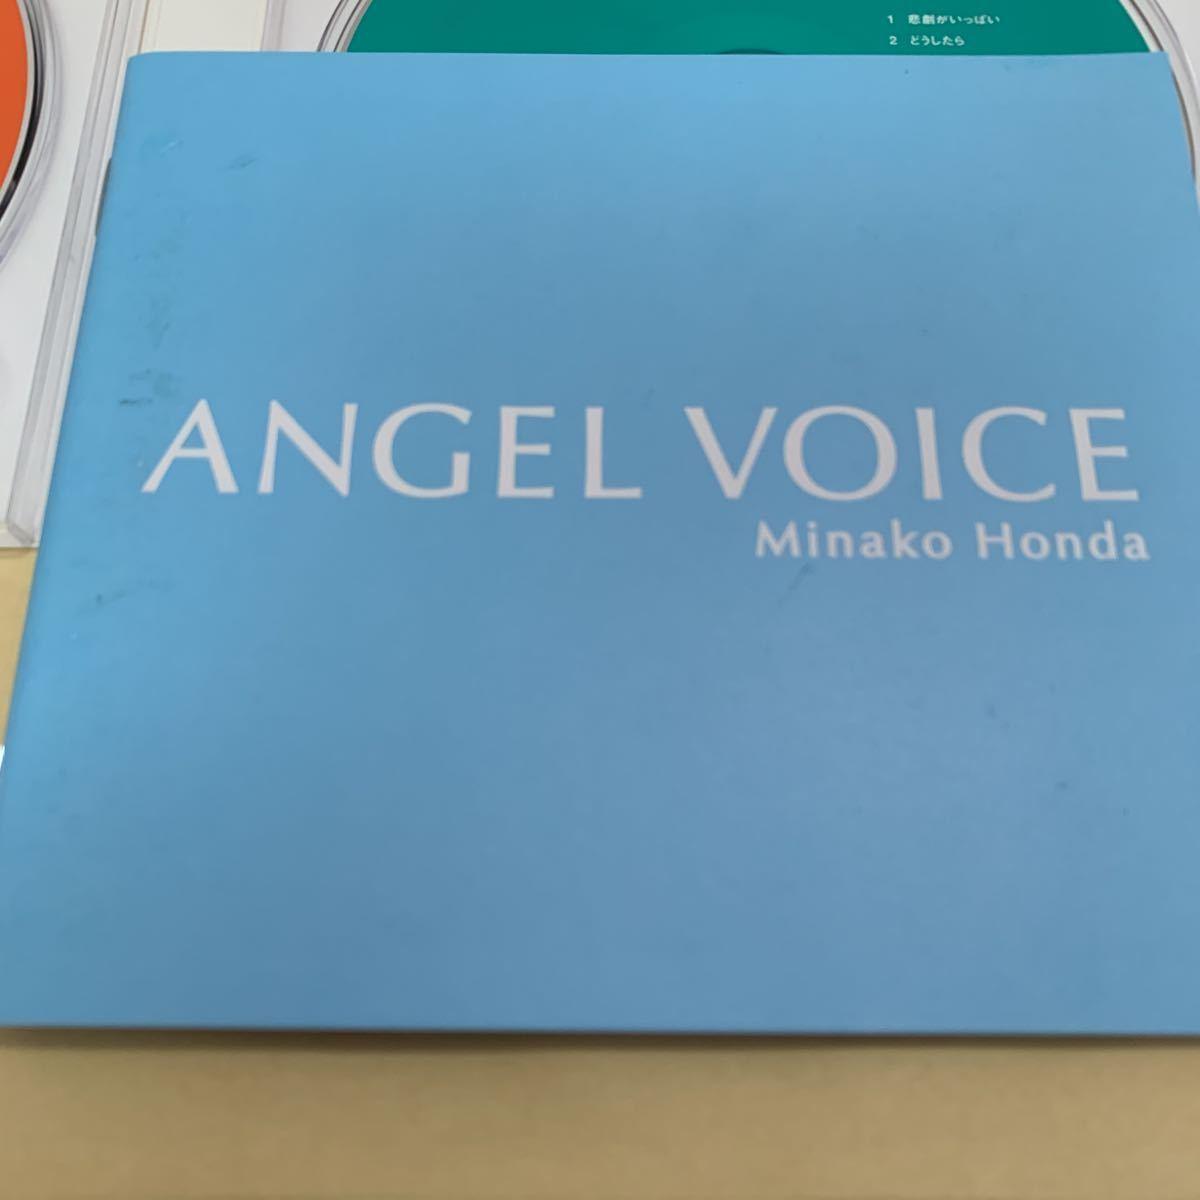 ☆帯付☆ 本田美奈子 / ANGEL VOICE メモリアル ・ベスト 2CD+DVD_画像8